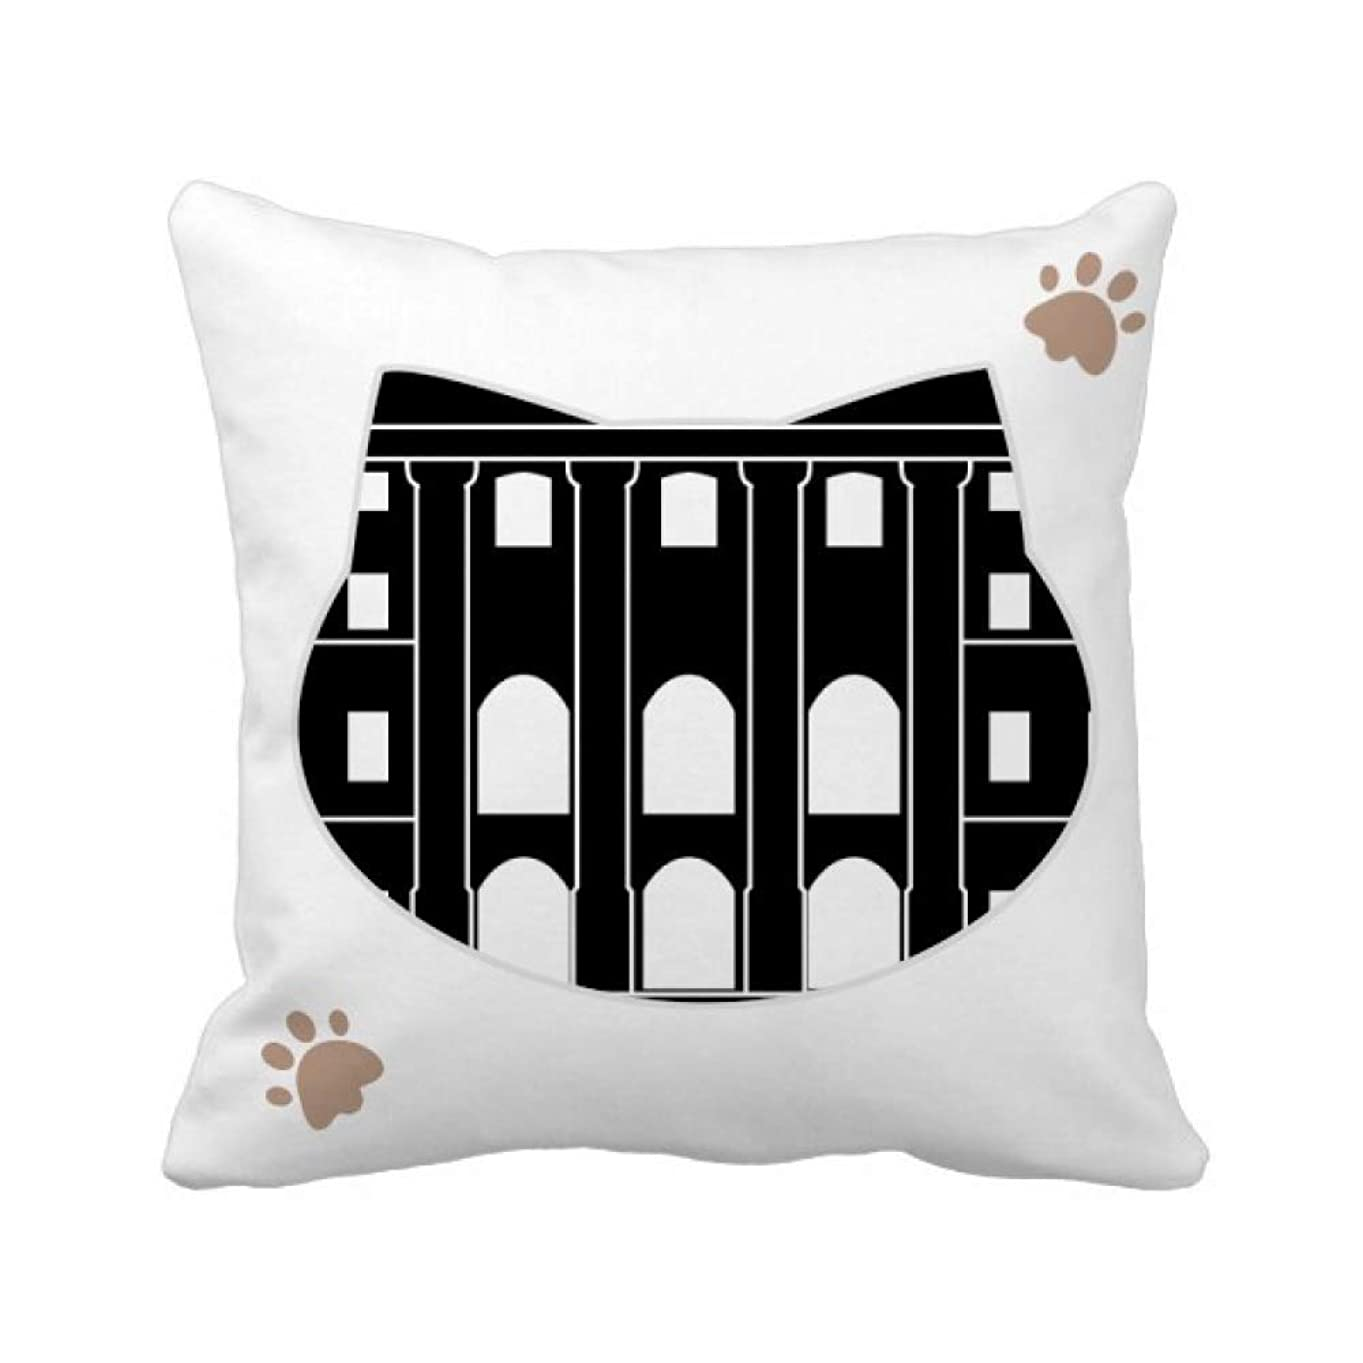 終わった公爵夫人ボトルネックドイツの建物の建造物 枕カバーを放り投げる猫広場 50cm x 50cm